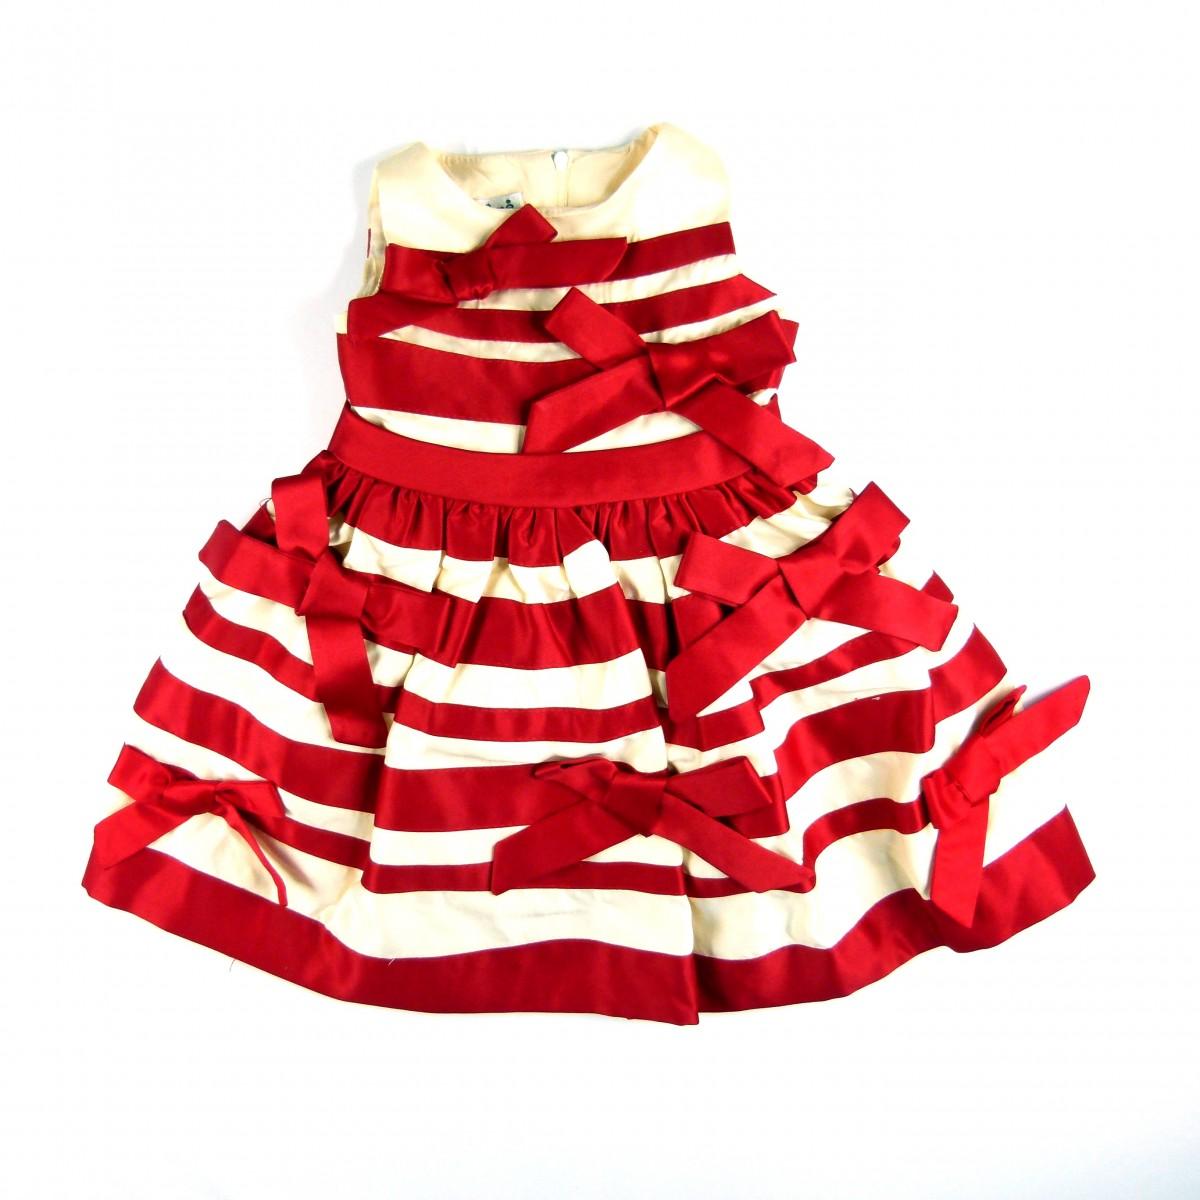 089079a0a6bcc Vestido Recortes com Laços Animê Petite - 034480 Vermelho   Tutu Lelê.